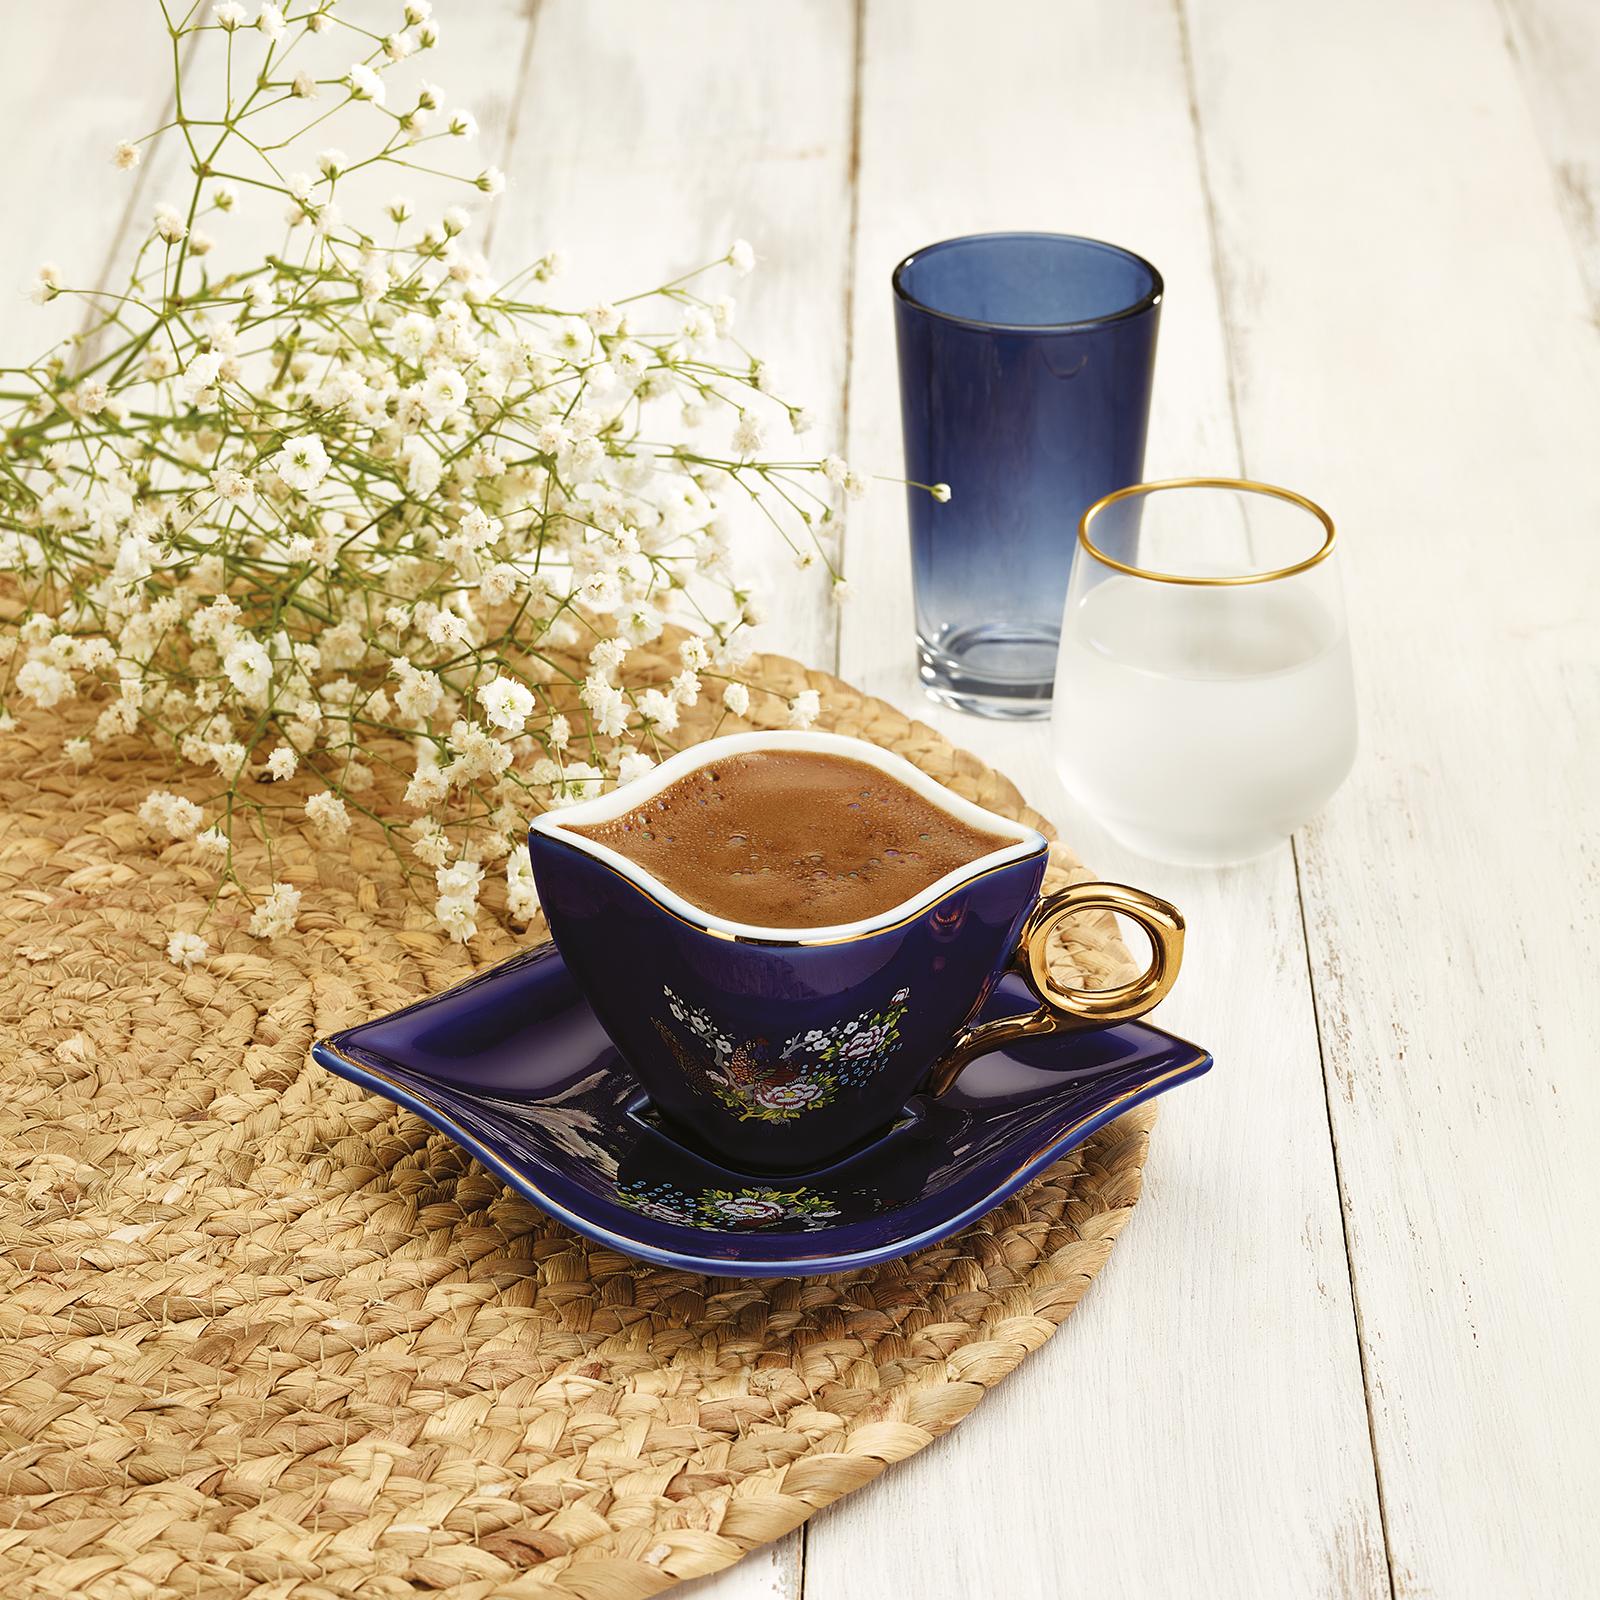 Emsan Sonsuz Aşk Kobalt 1984 2 Kişilik Kahve Fincanı Takımı